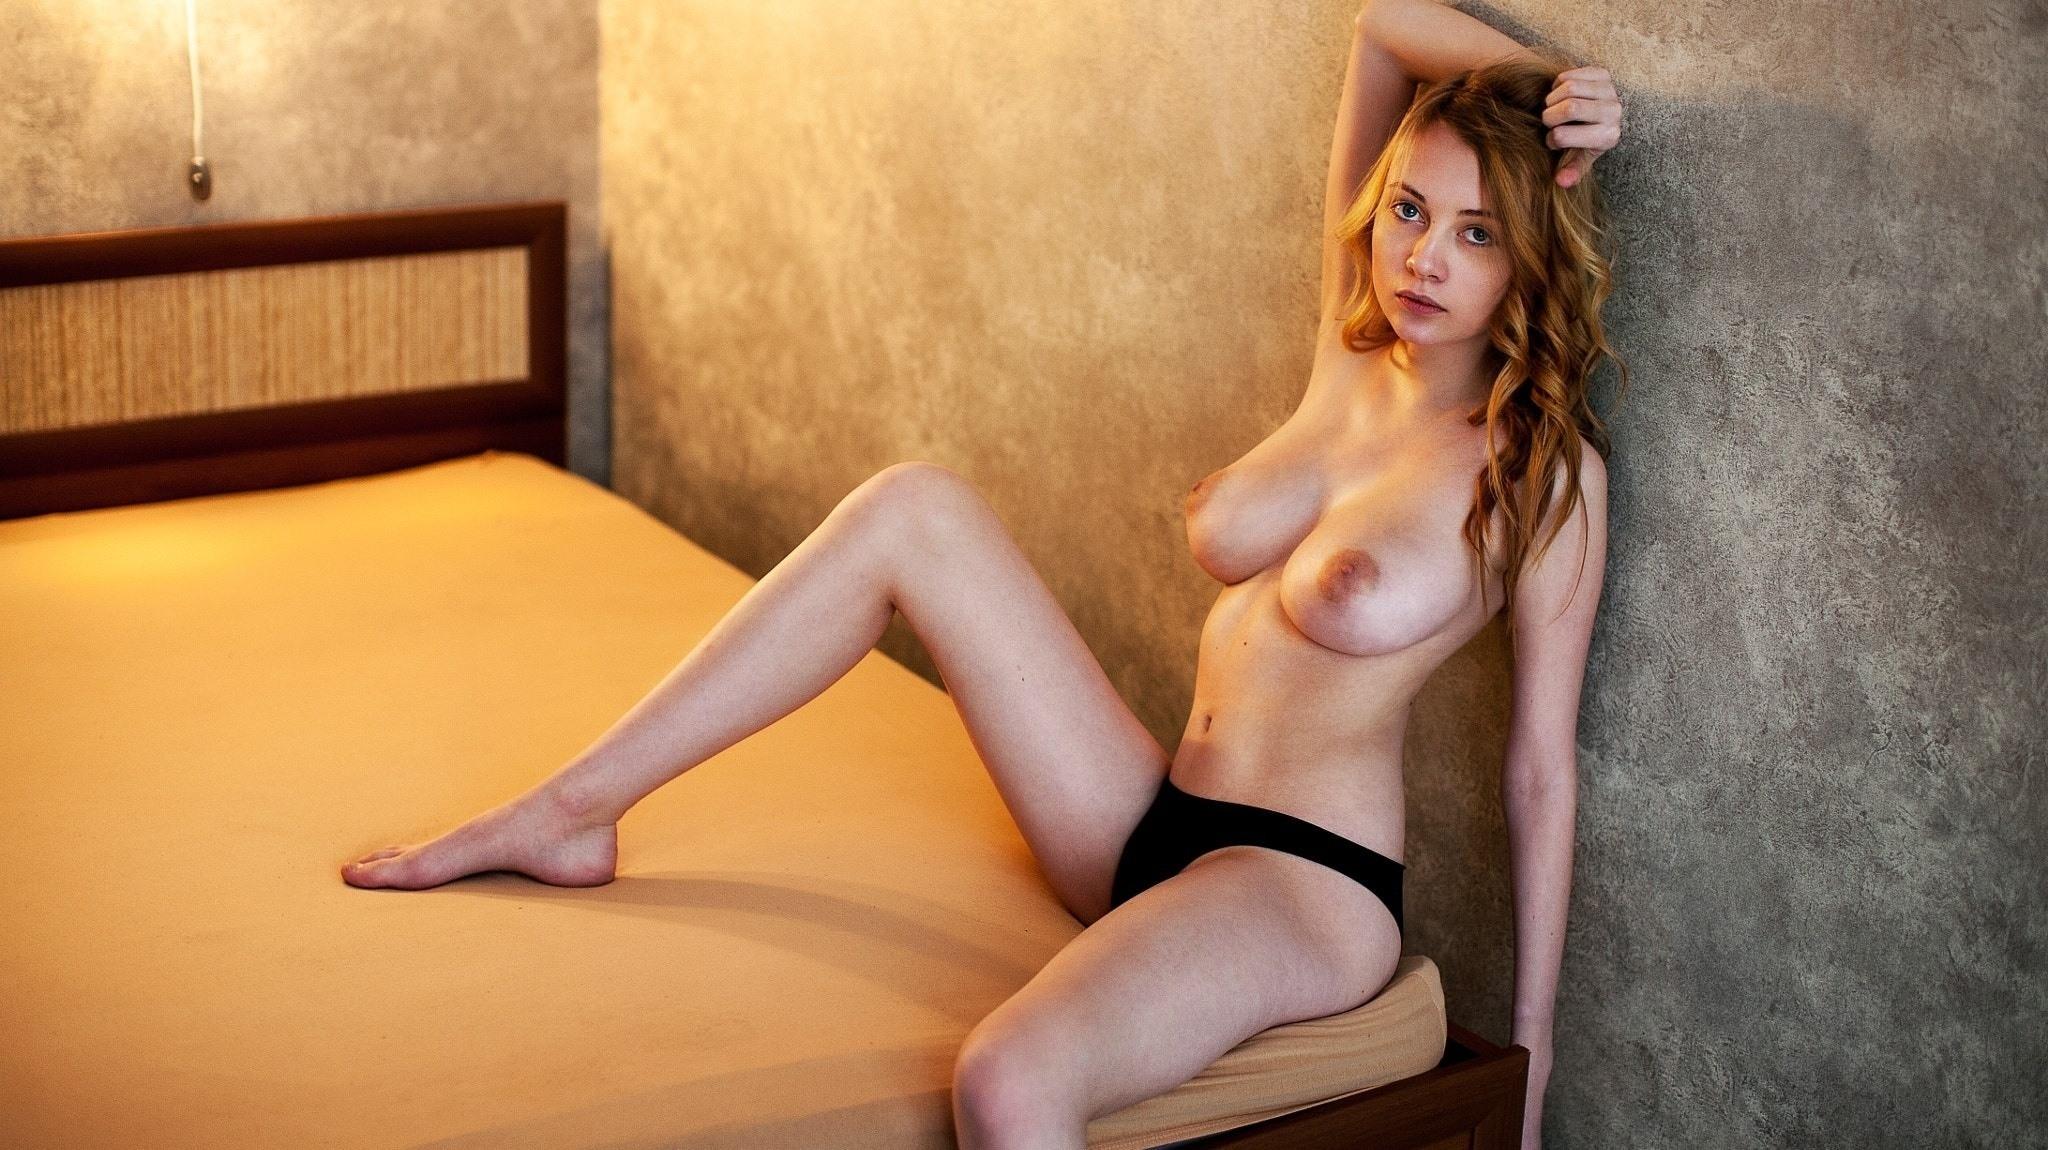 Фото Рыжеволосая девушка в черных трусиках, голые сиськи, сочные соски, постель, скачать картинку бесплатно